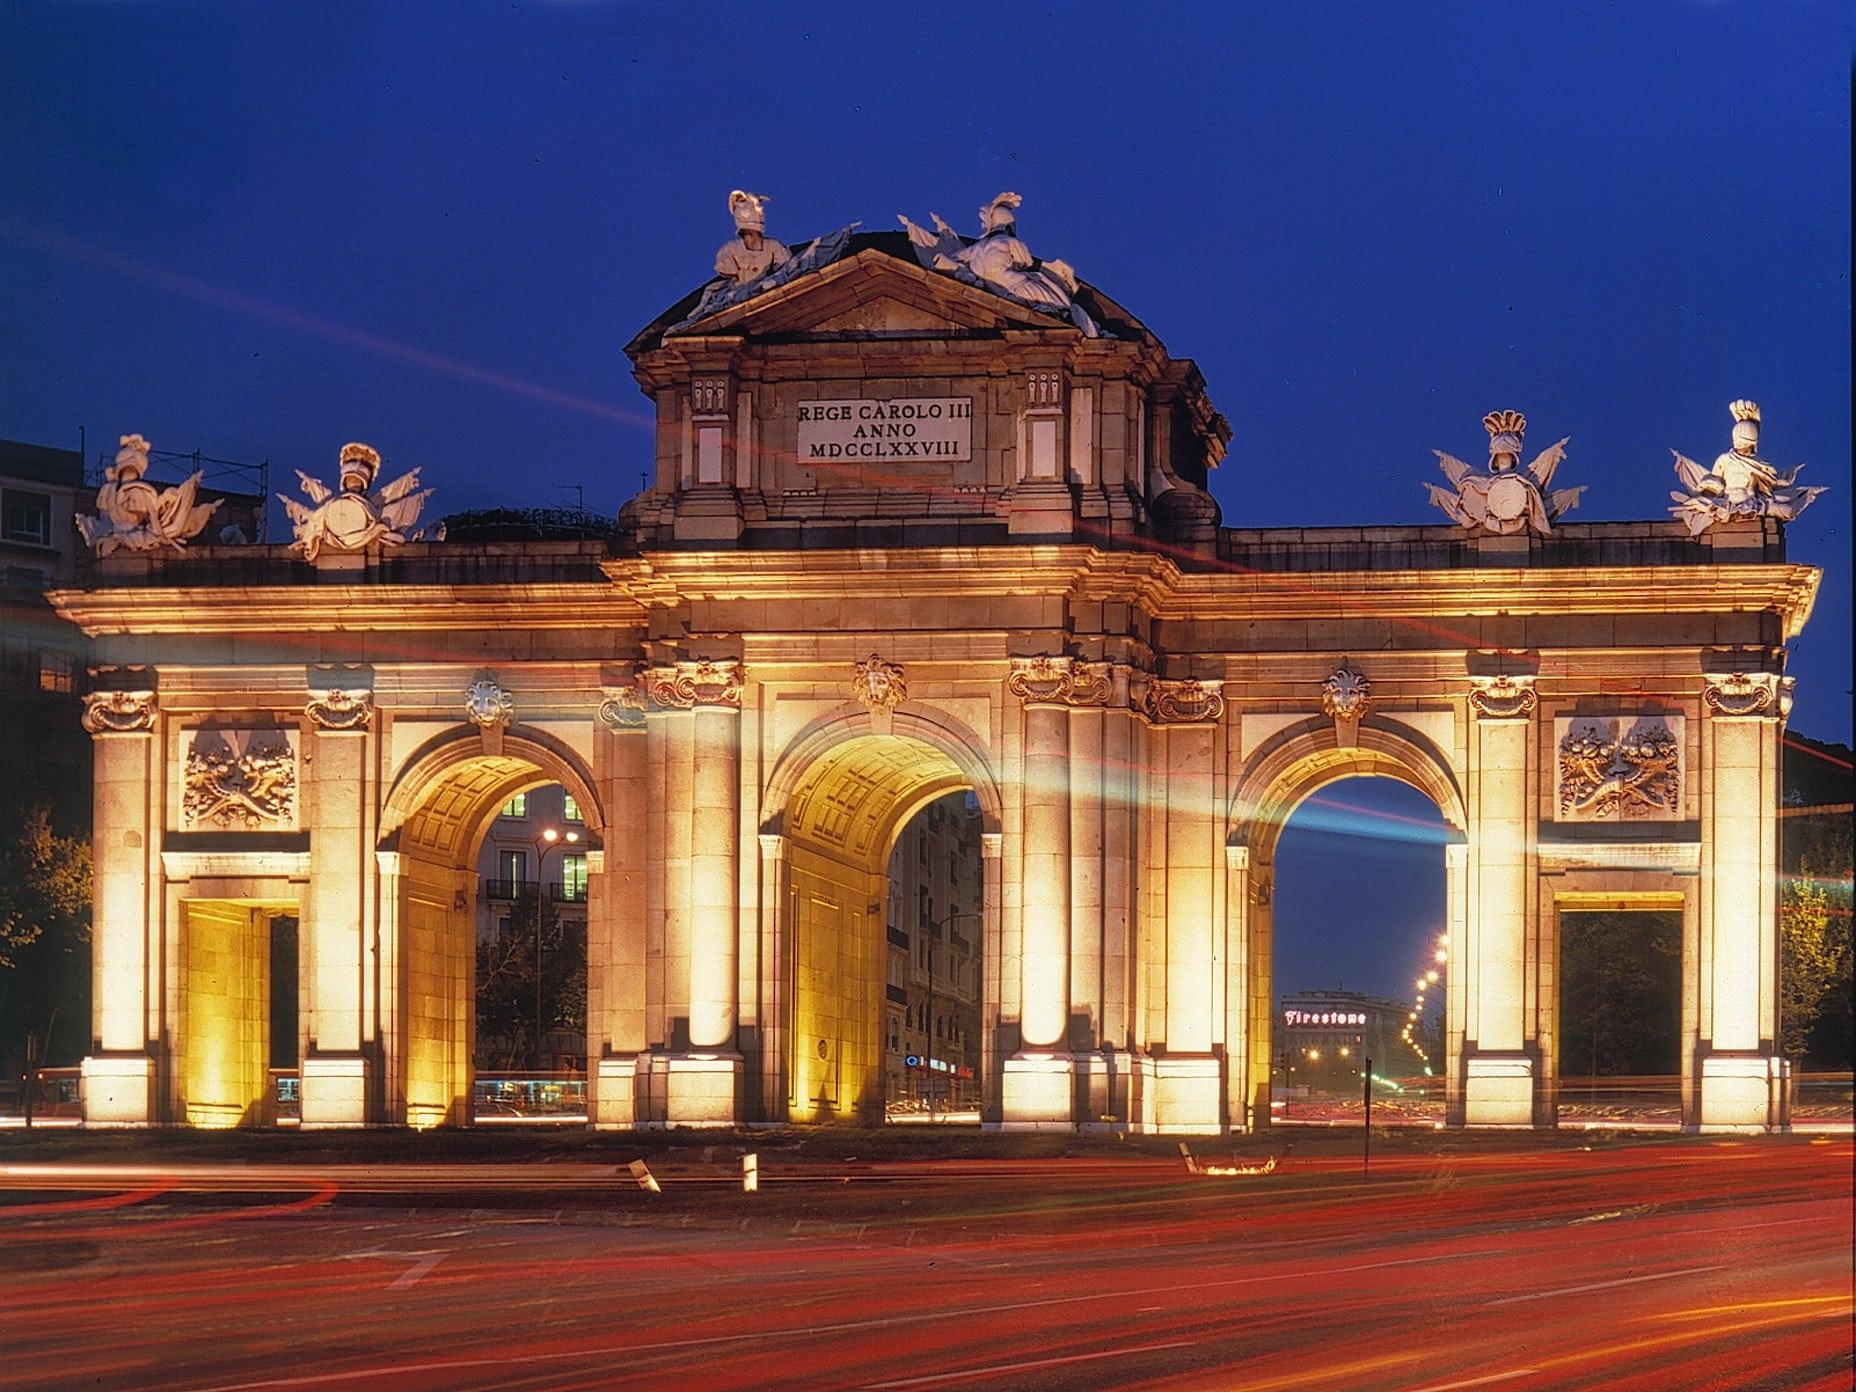 Puerta de Alcala, considerat monument naţional